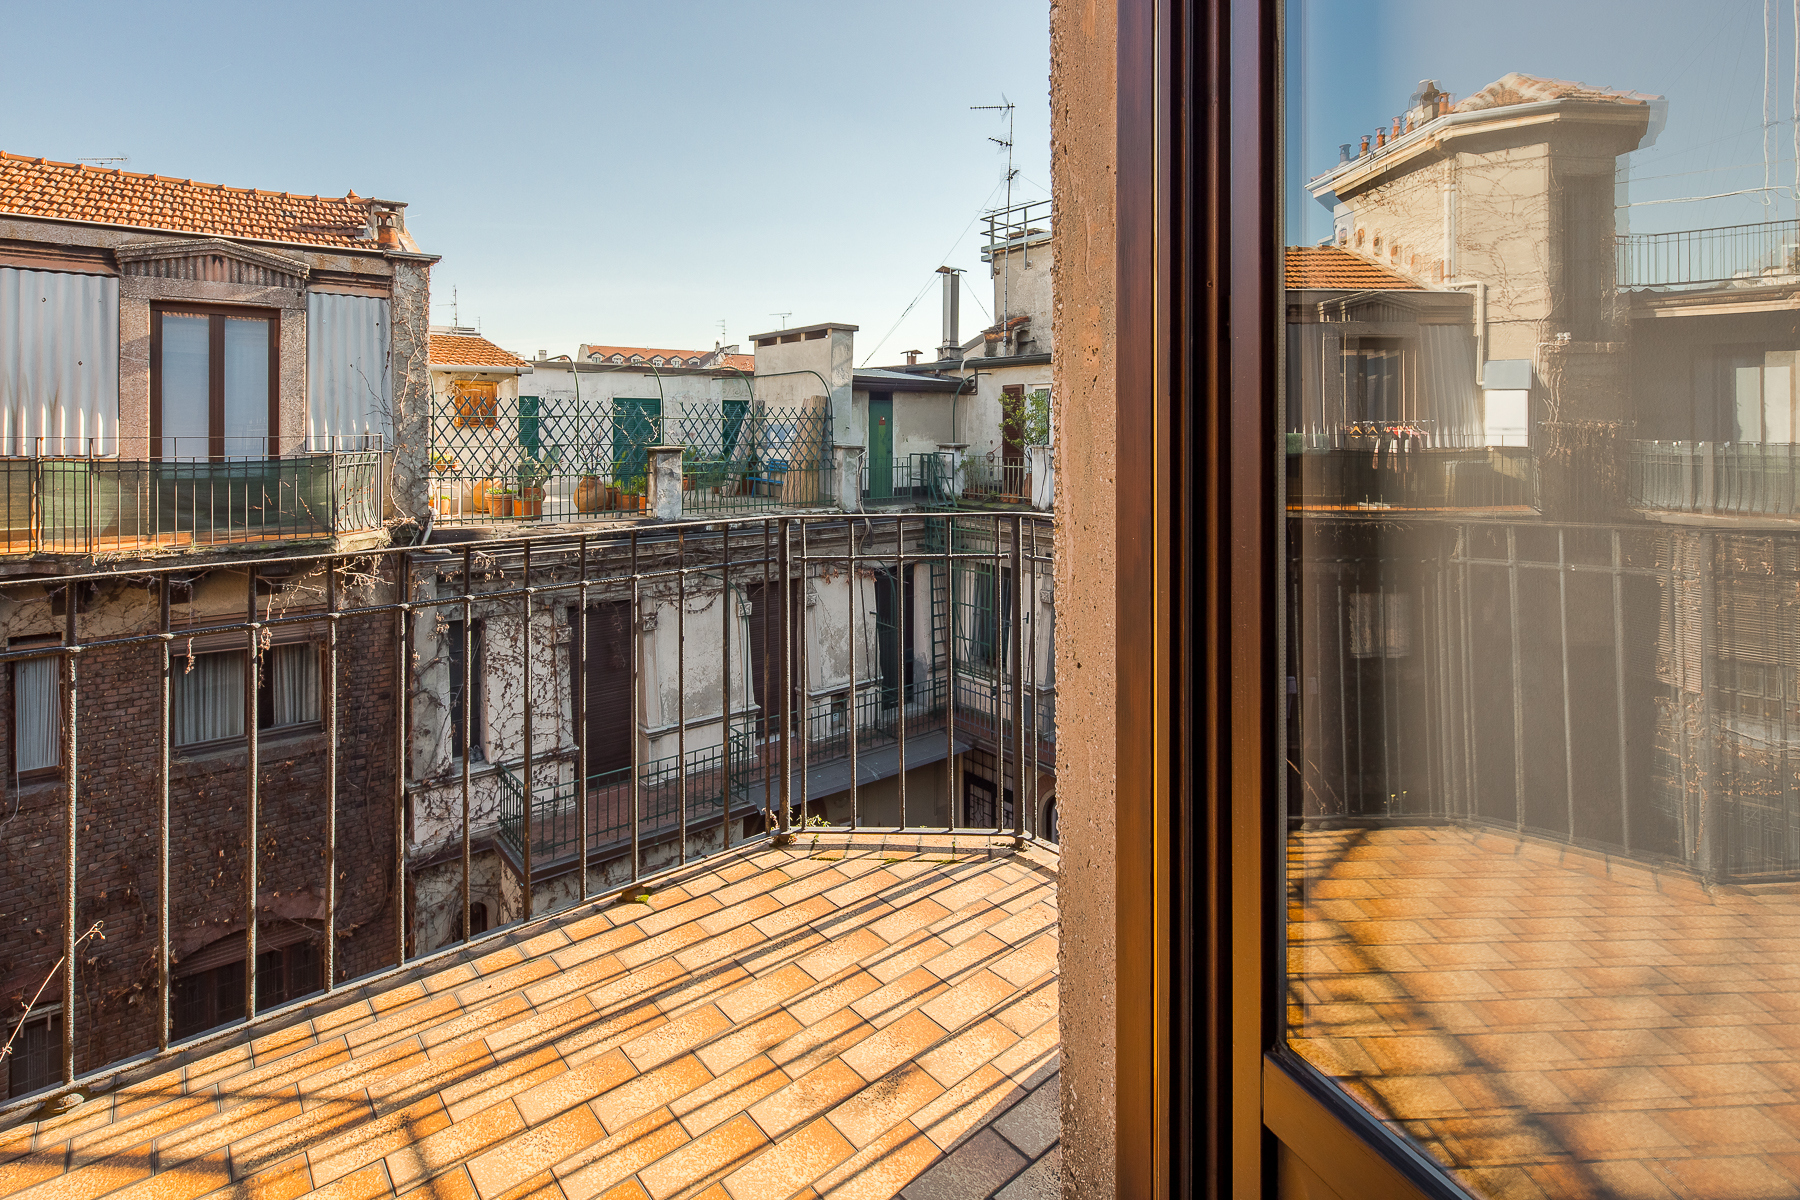 Attico in Vendita a Milano: 5 locali, 200 mq - Foto 3